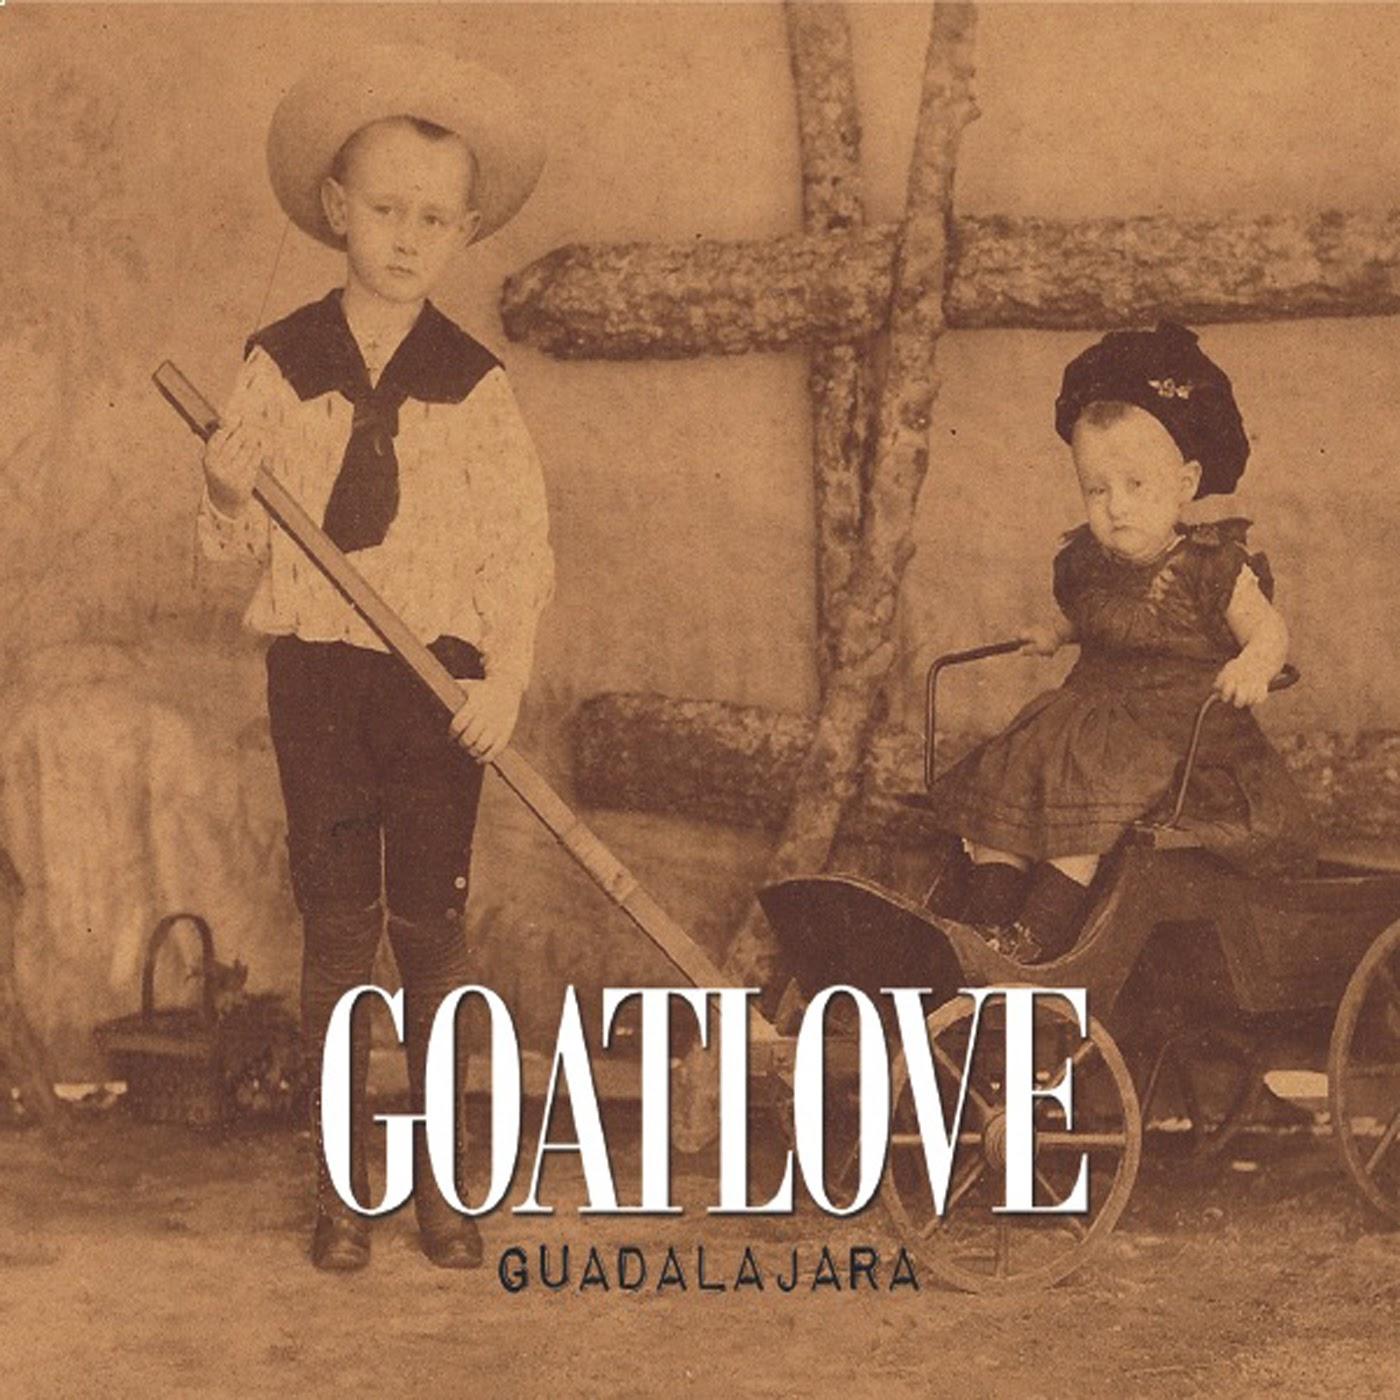 Resultado de imagem para goatlove guadalajara